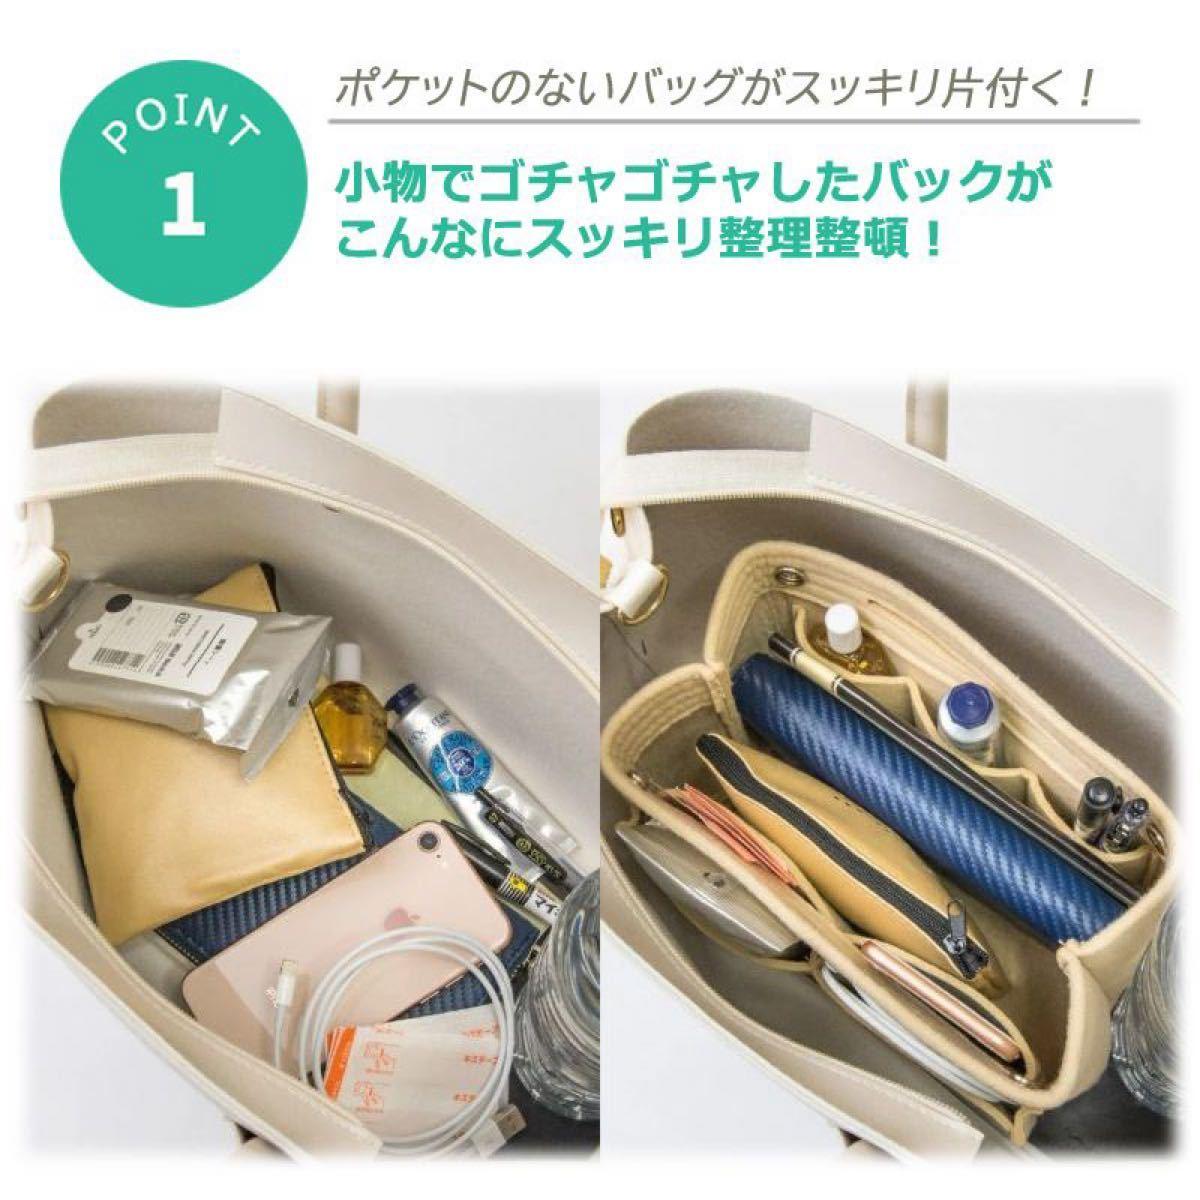 フェルト製 バッグインバッグ イエロー 収納 整理 ポケット トートバッグ 大容量 軽量バッグ インナーバッグ 軽量 フェルト